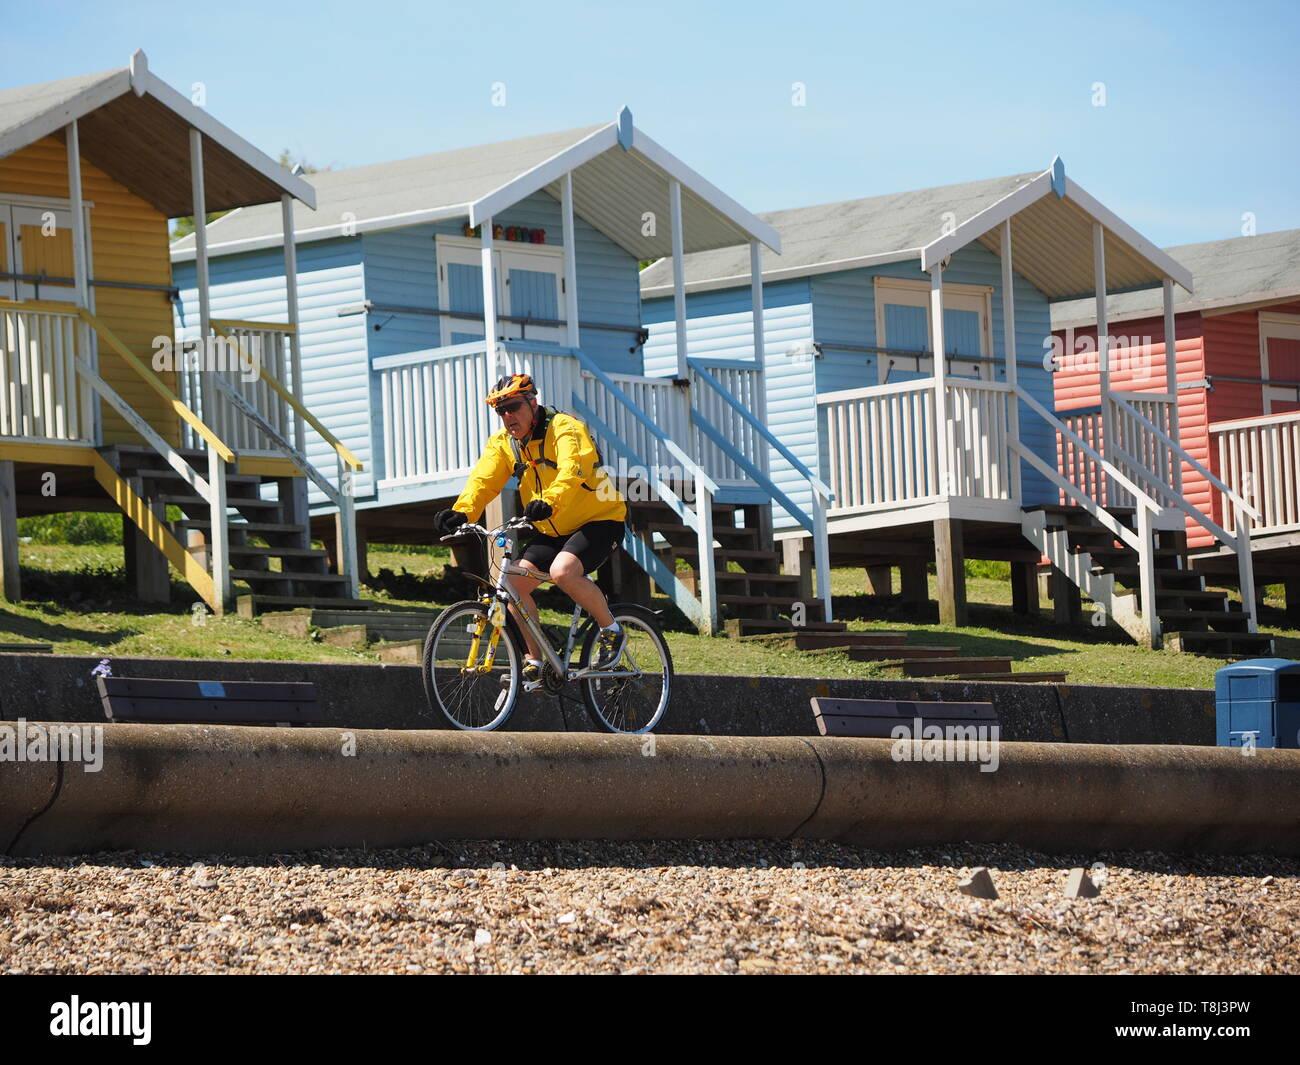 Cattedrale sul mare, Kent, Regno Unito. 14 Maggio, 2019. Regno Unito Meteo: una giornata di sole in Cattedrale sul mare, Kent. Credito: James Bell/Alamy Live News Foto Stock